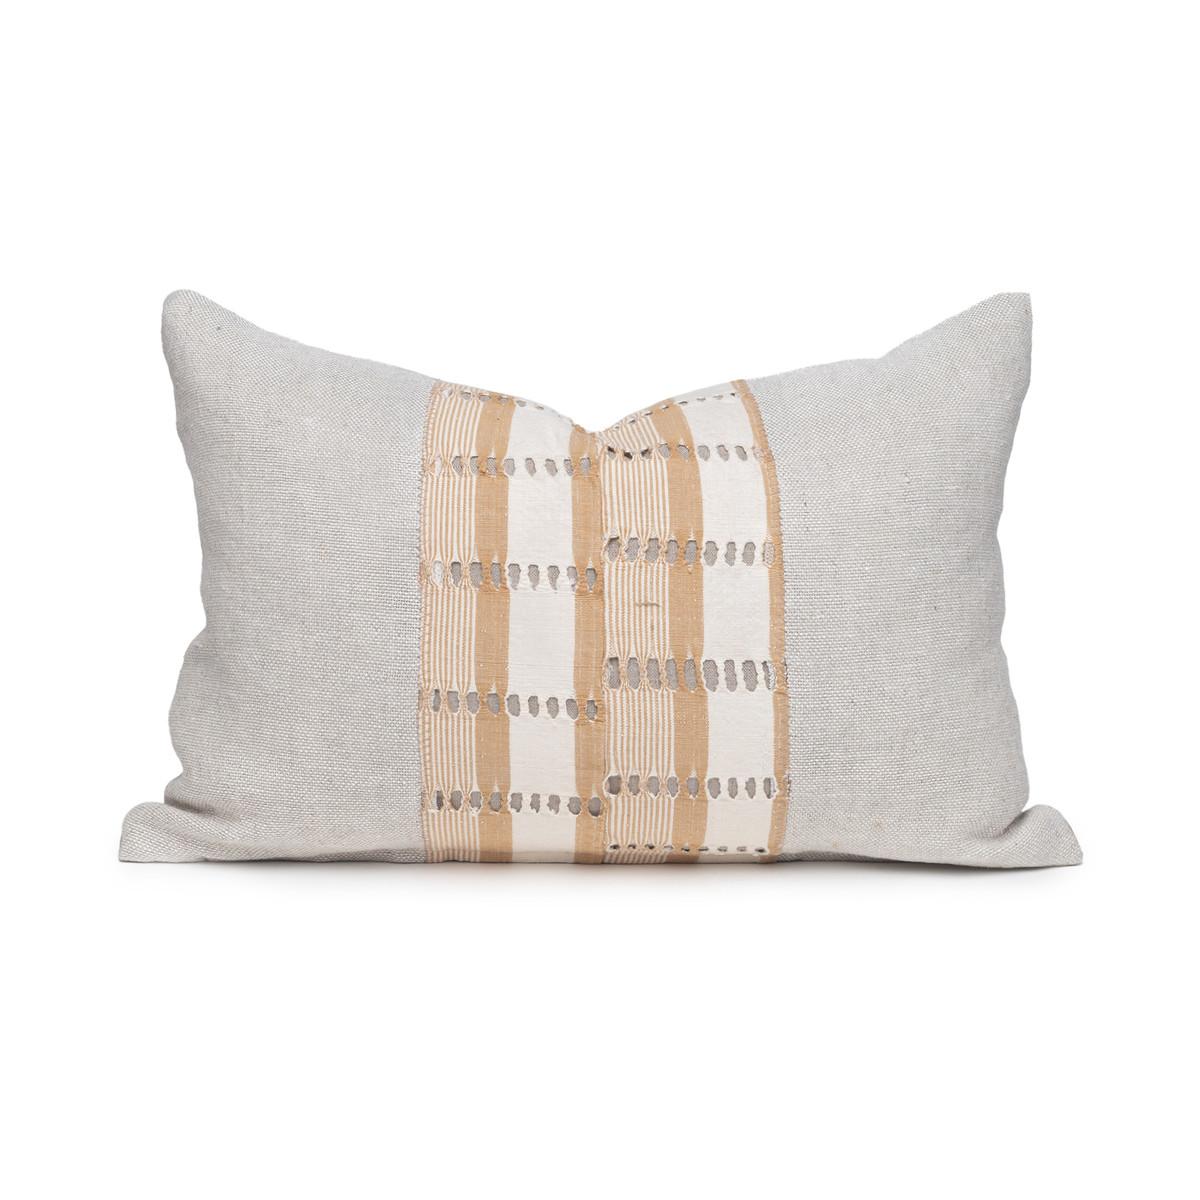 Tasi Natural Linen and Aso Oke Lumbar Pillow - 1420- Front View